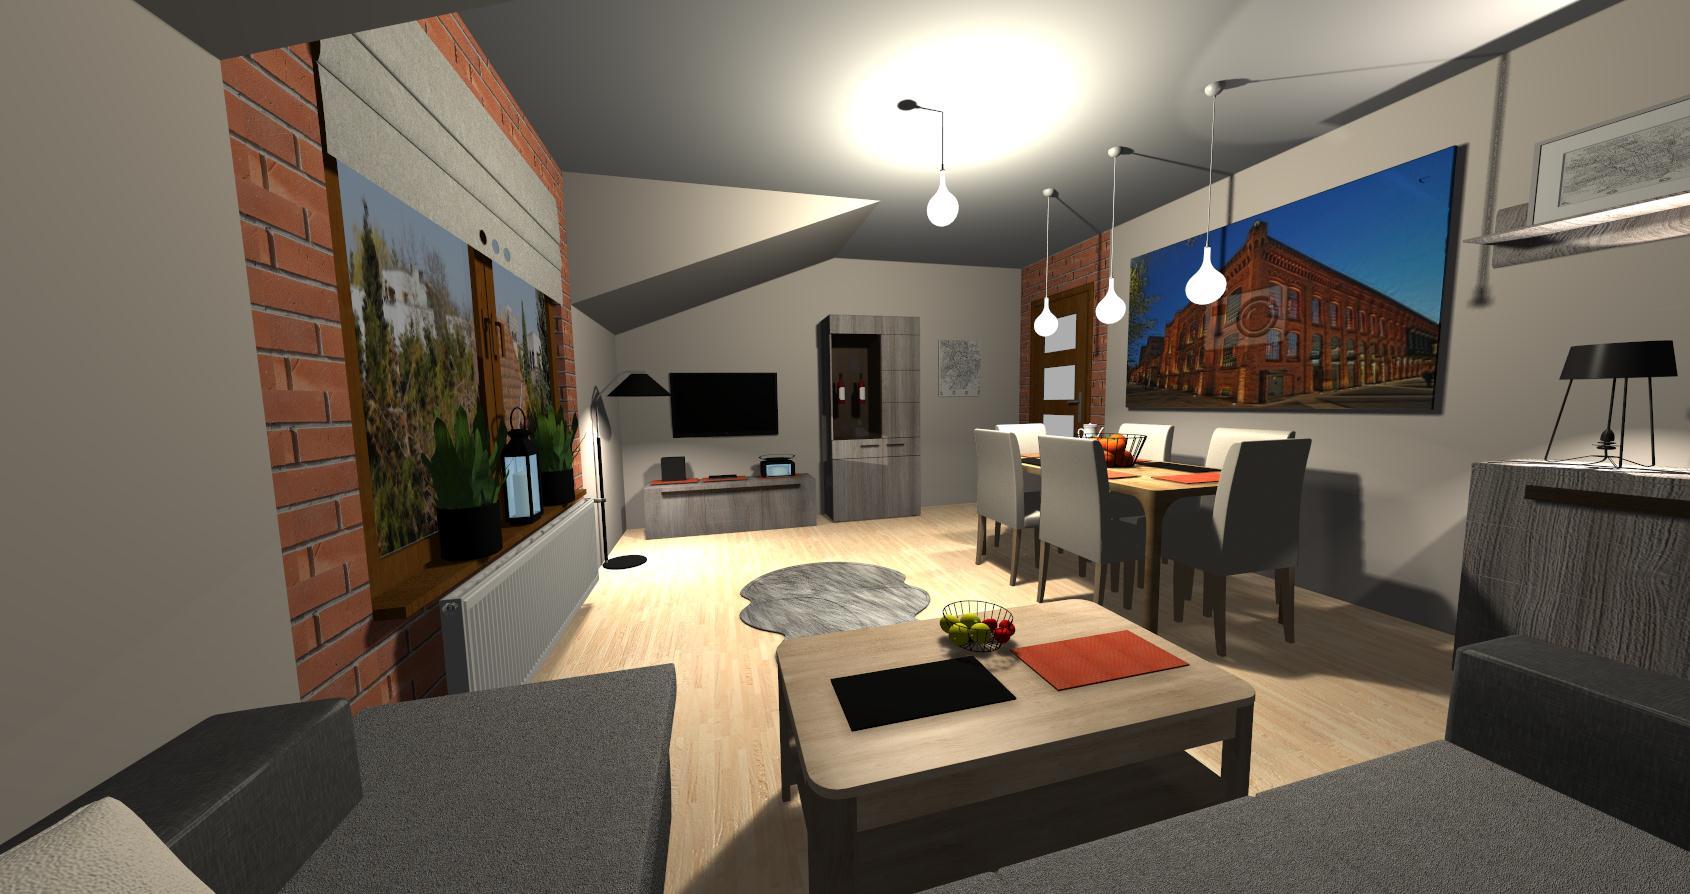 Salon Grocika 21 - Salon w stylu industrialnym